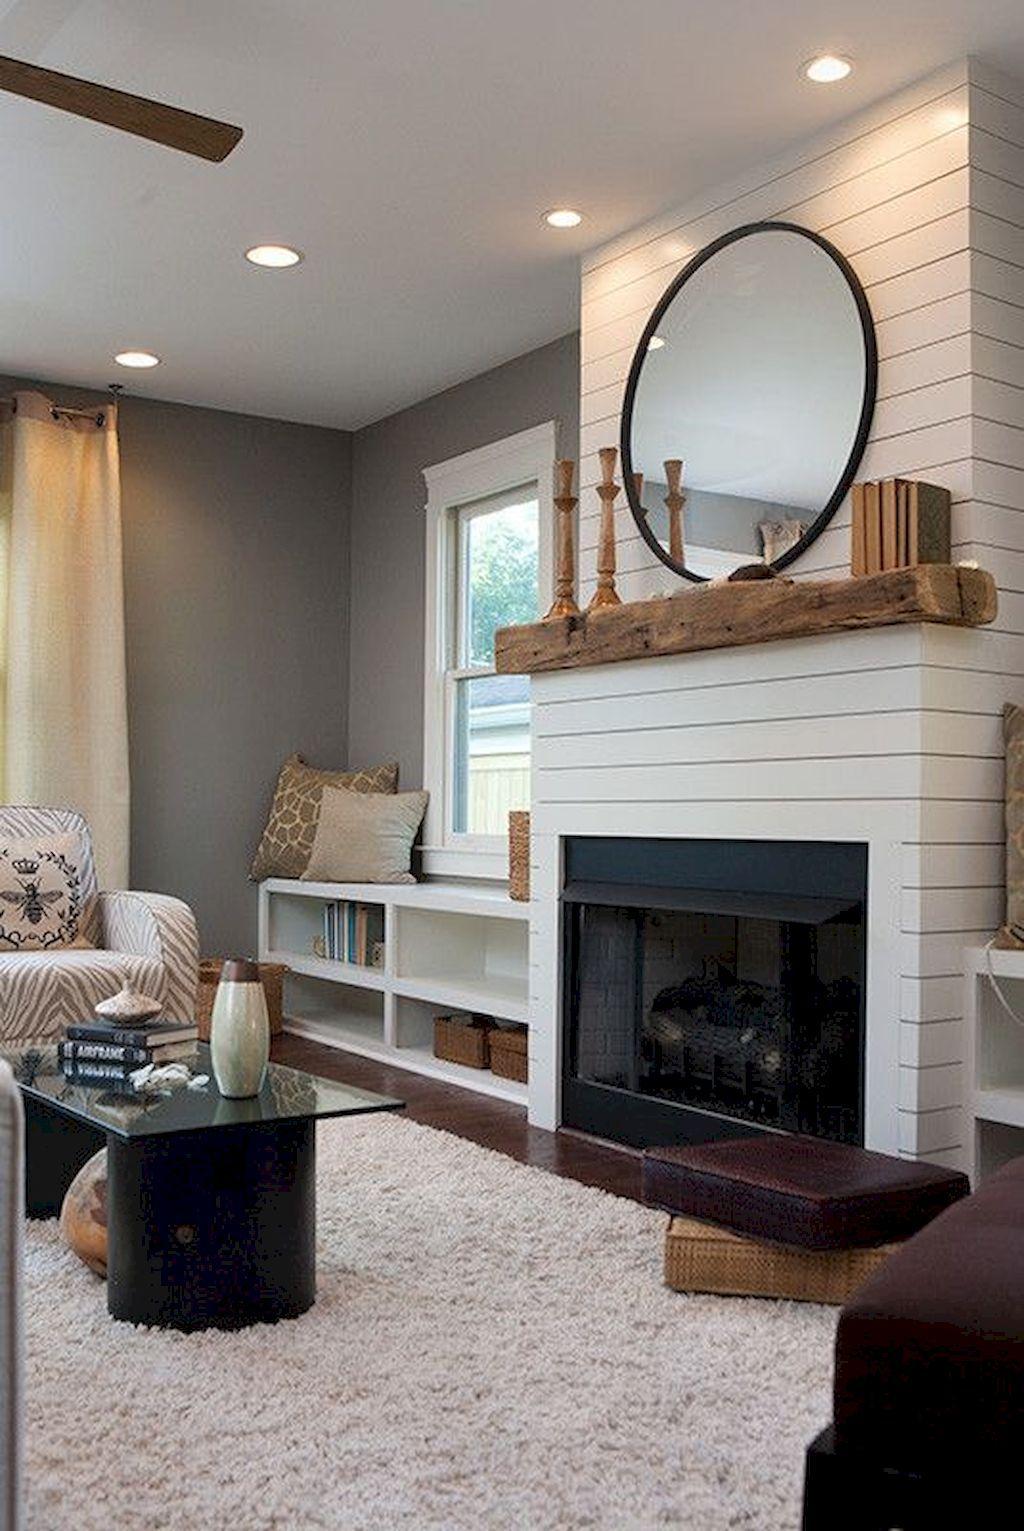 80 Contemporary Living Room Decoration Ideas Home To Z Farm House Living Room Modern Farmhouse Living Room Modern Rustic Living Room